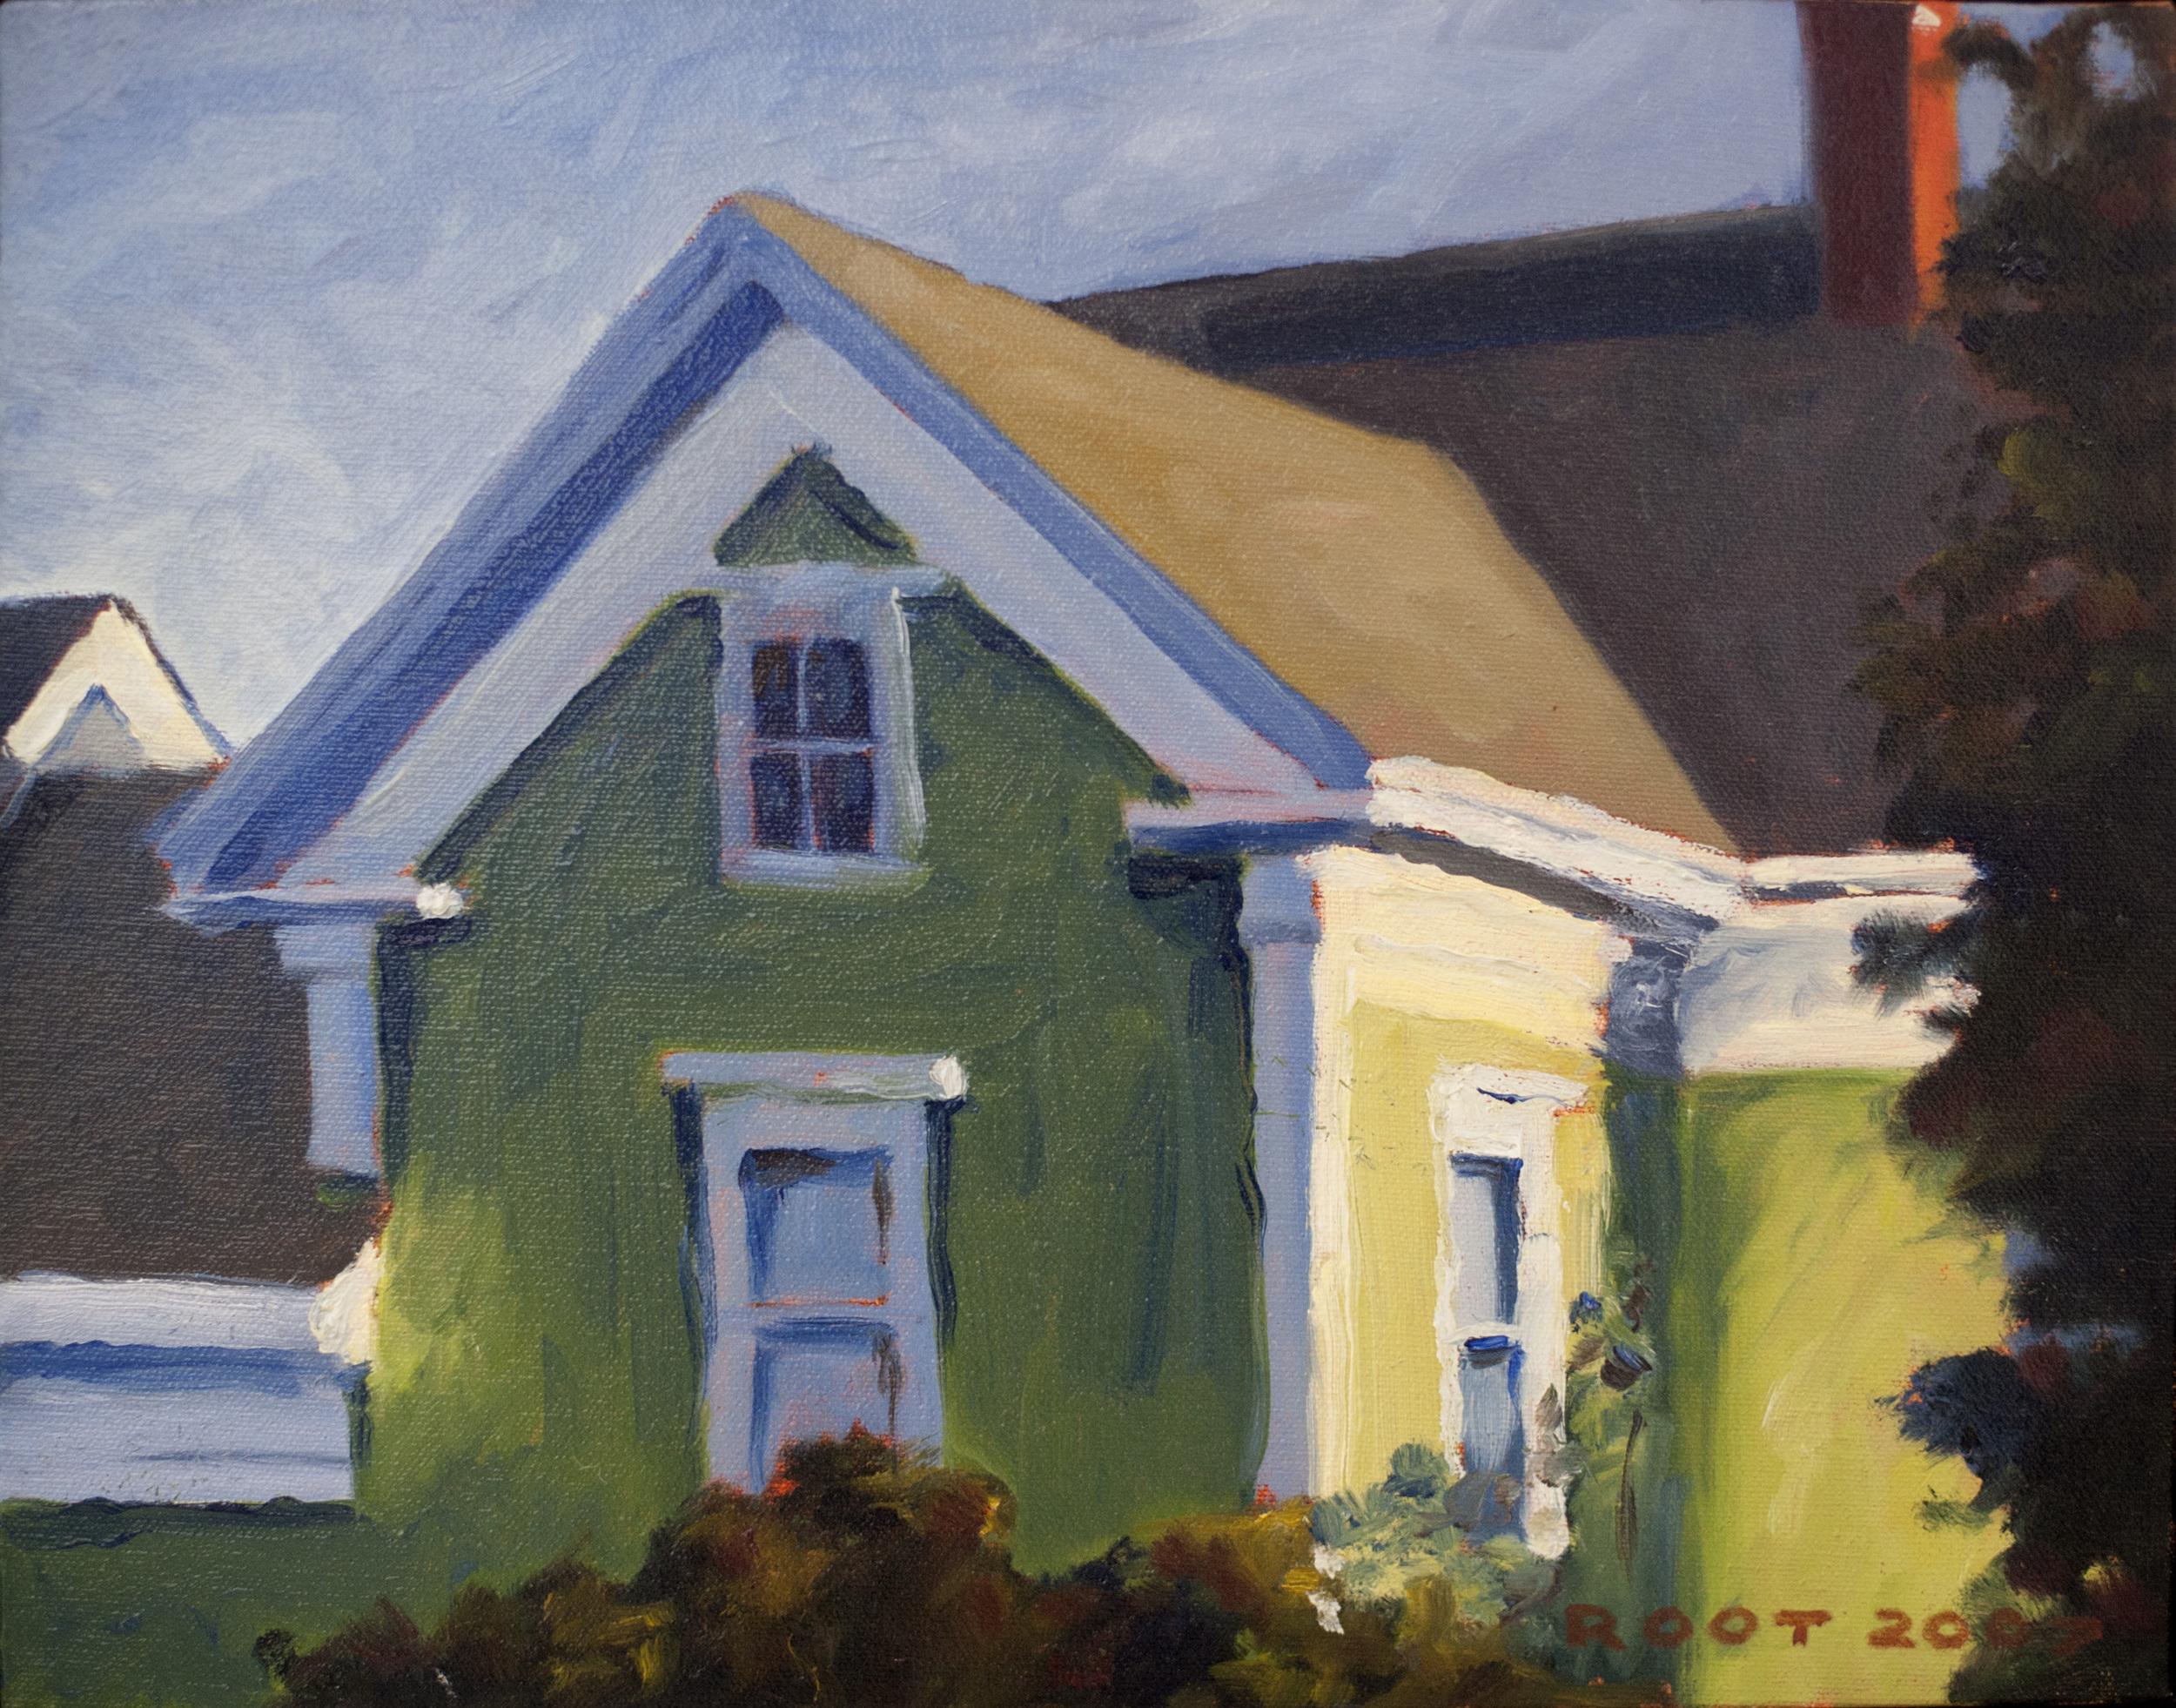 Stotz House